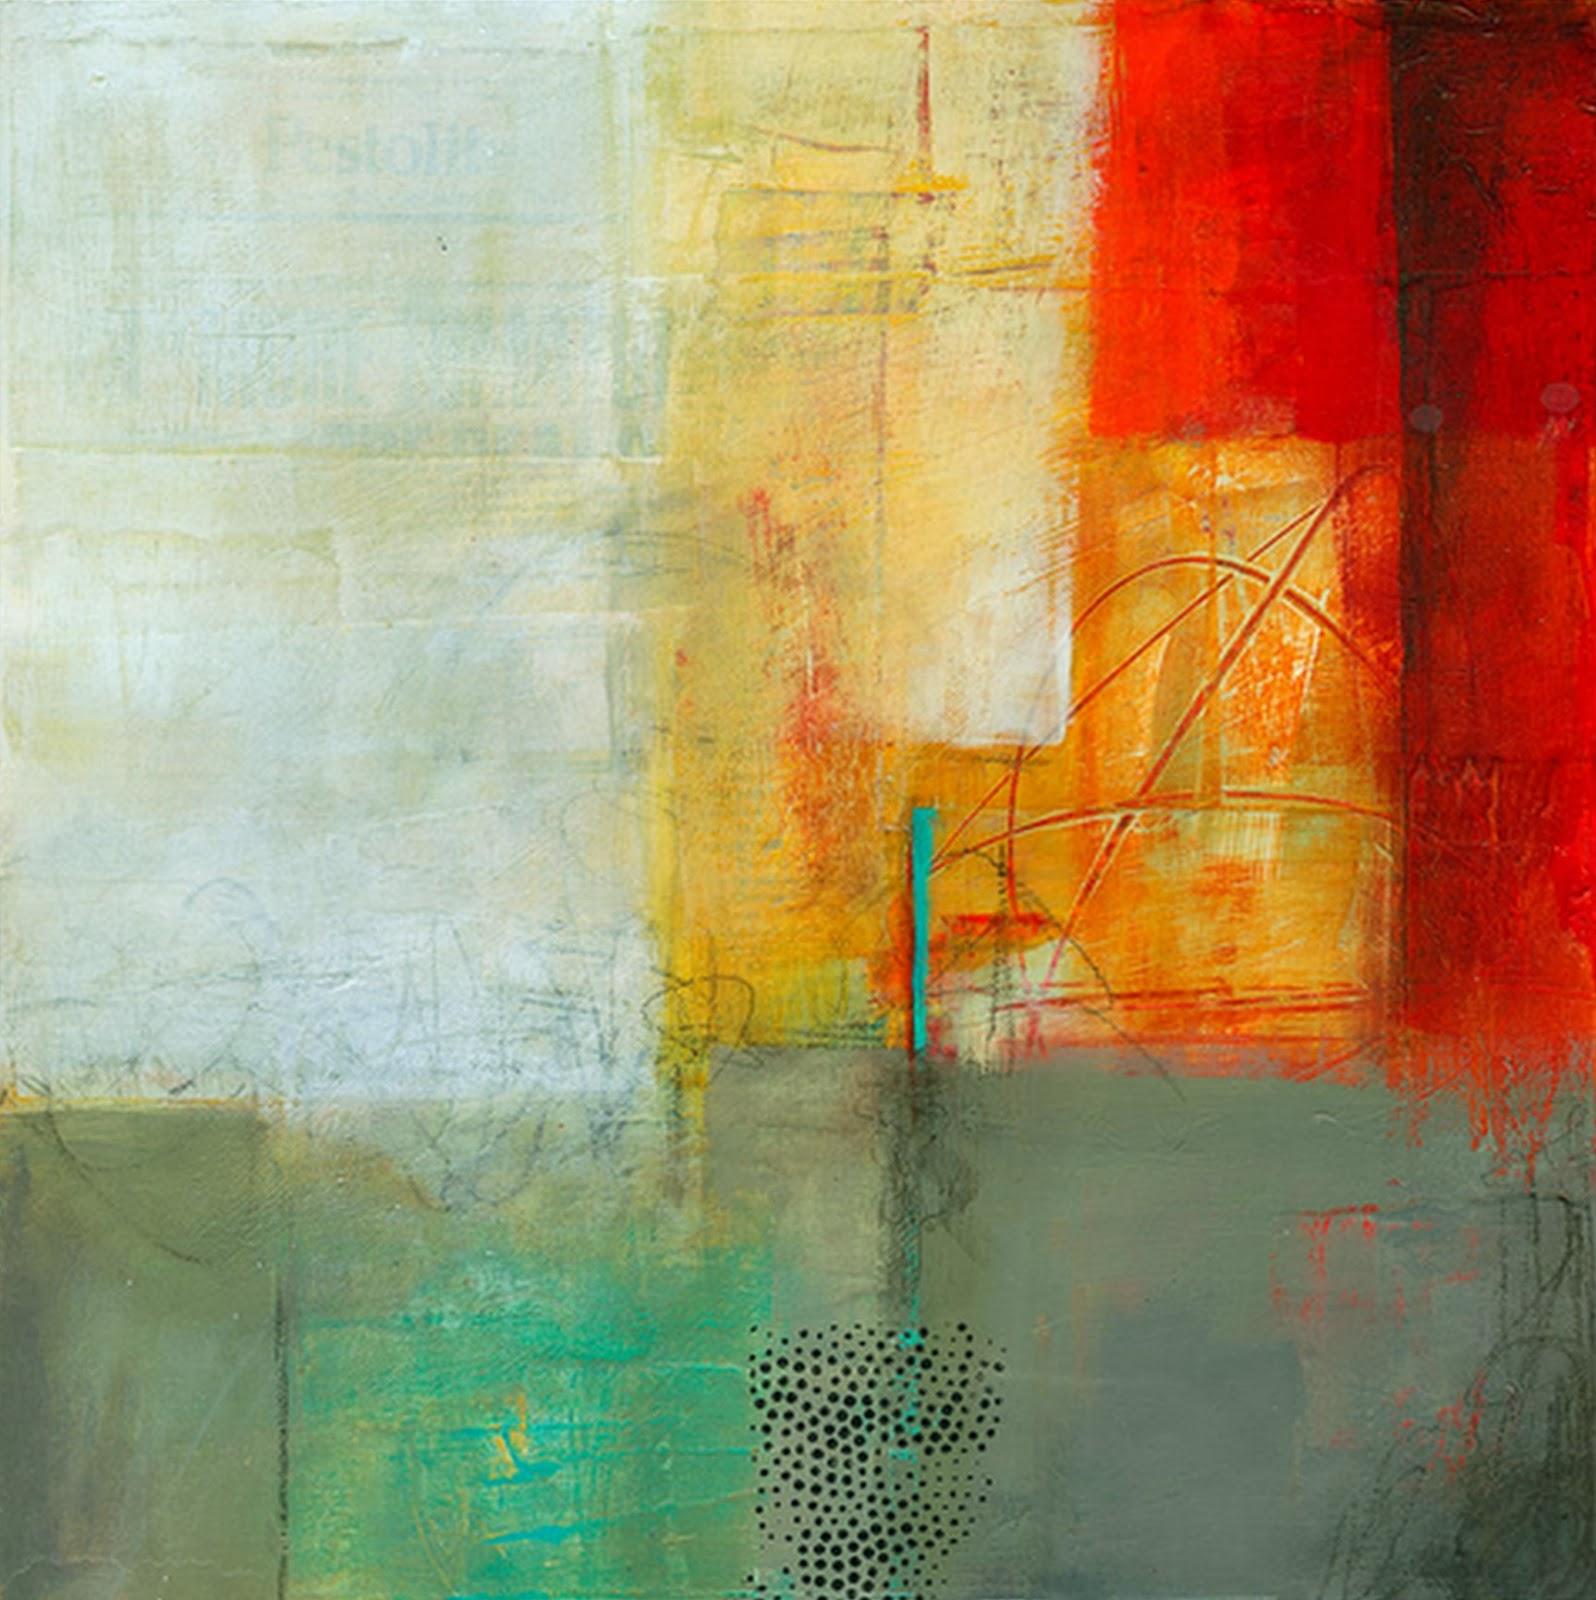 Cuadros pinturas abstractas imagui for Fotos de cuadros abstractos al oleo